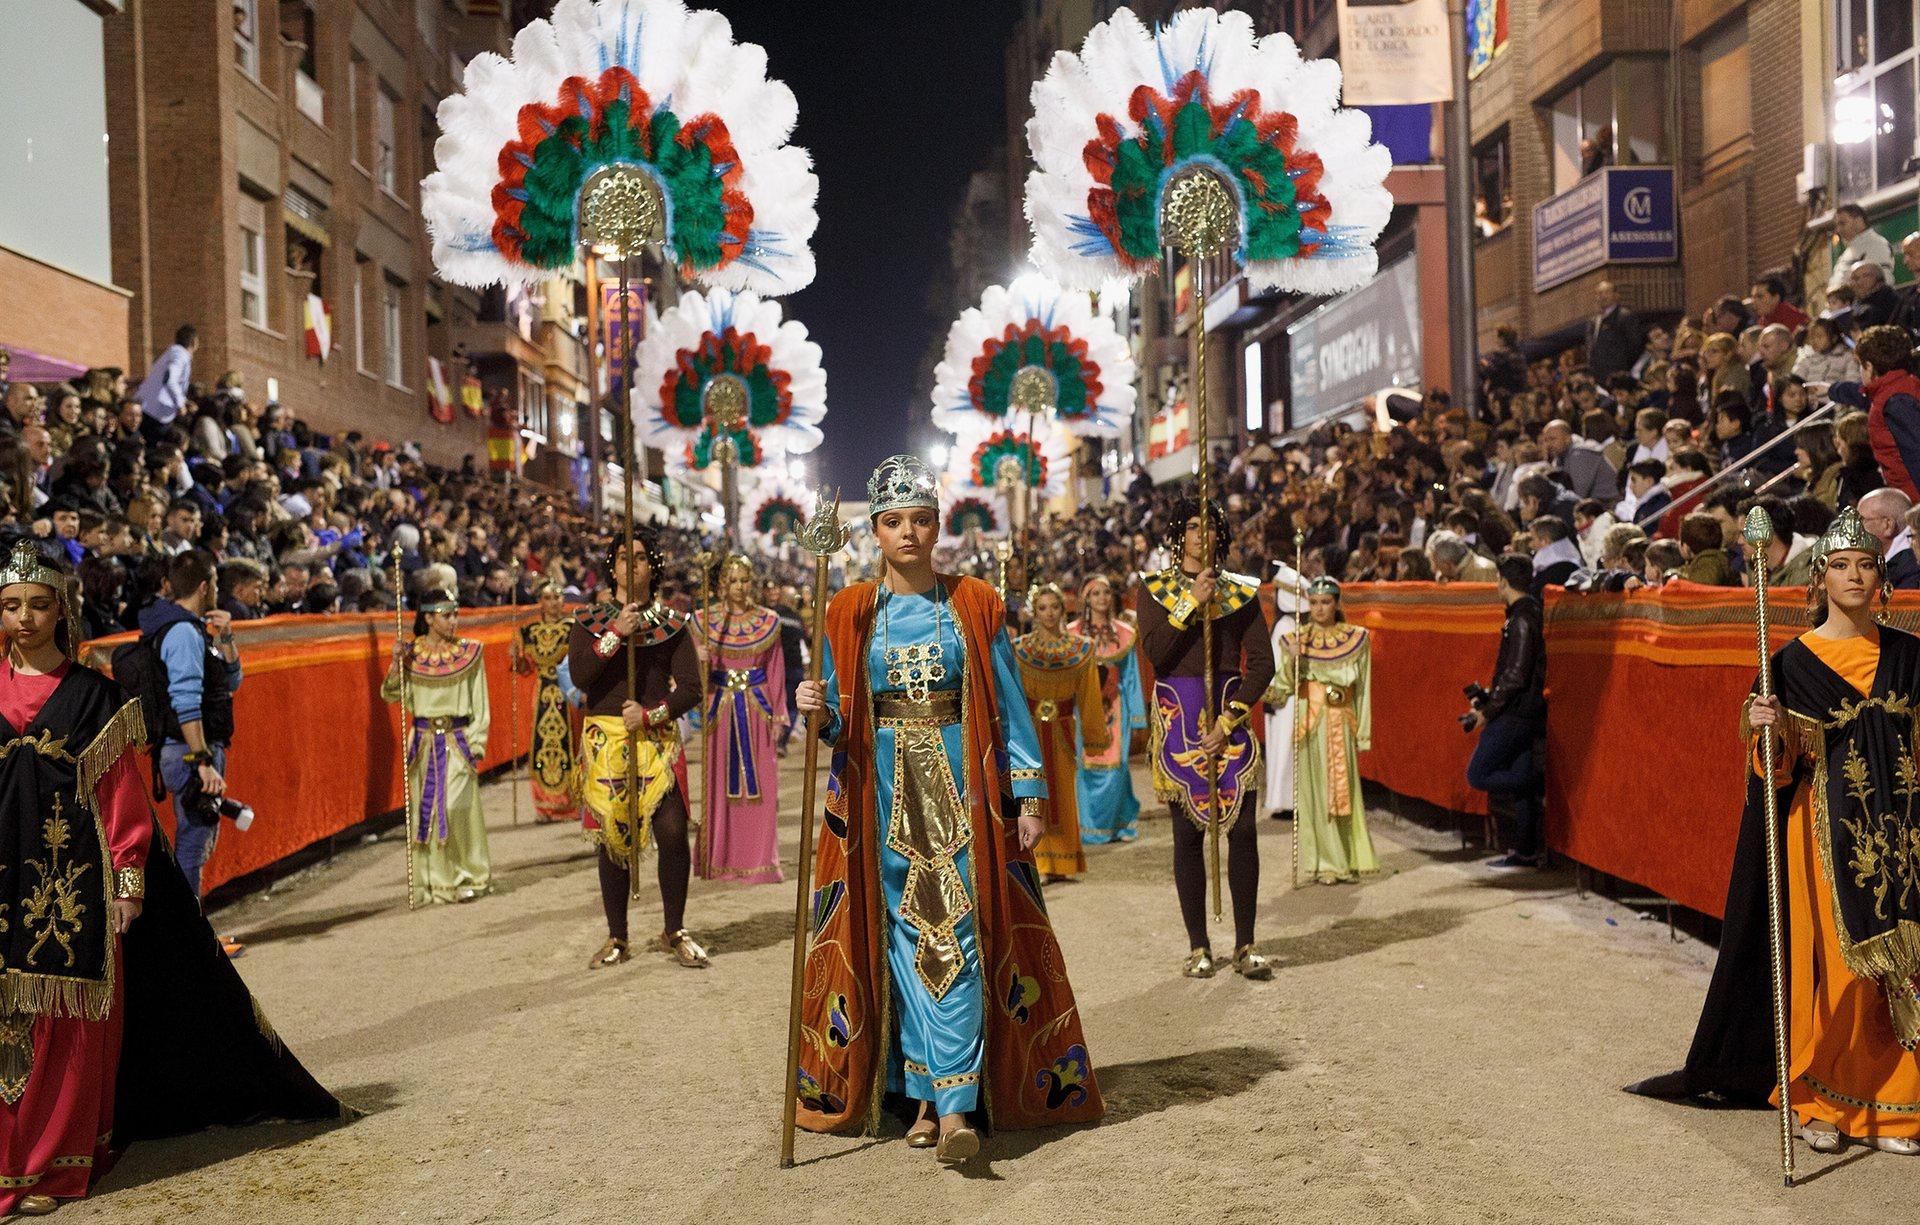 Лорка, Мурсия, Испания Страстната седмица се празнува в цяла Испания със стотици костюмирани шествия по улиците. Изпълнителите от музея на Пасо Бланко пресъздават истории от Библията в град Лорка Снимка: Пабло Бласкес Домингес / Getty Images